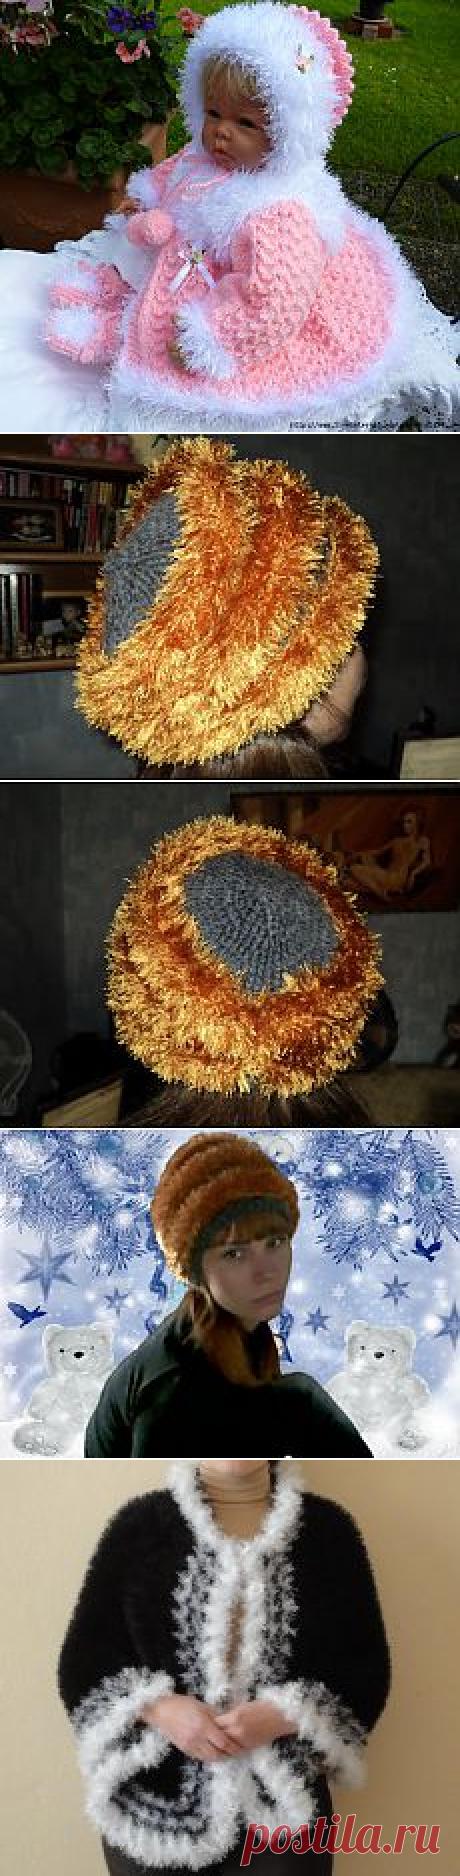 Поиск на Постиле: вязание из травки